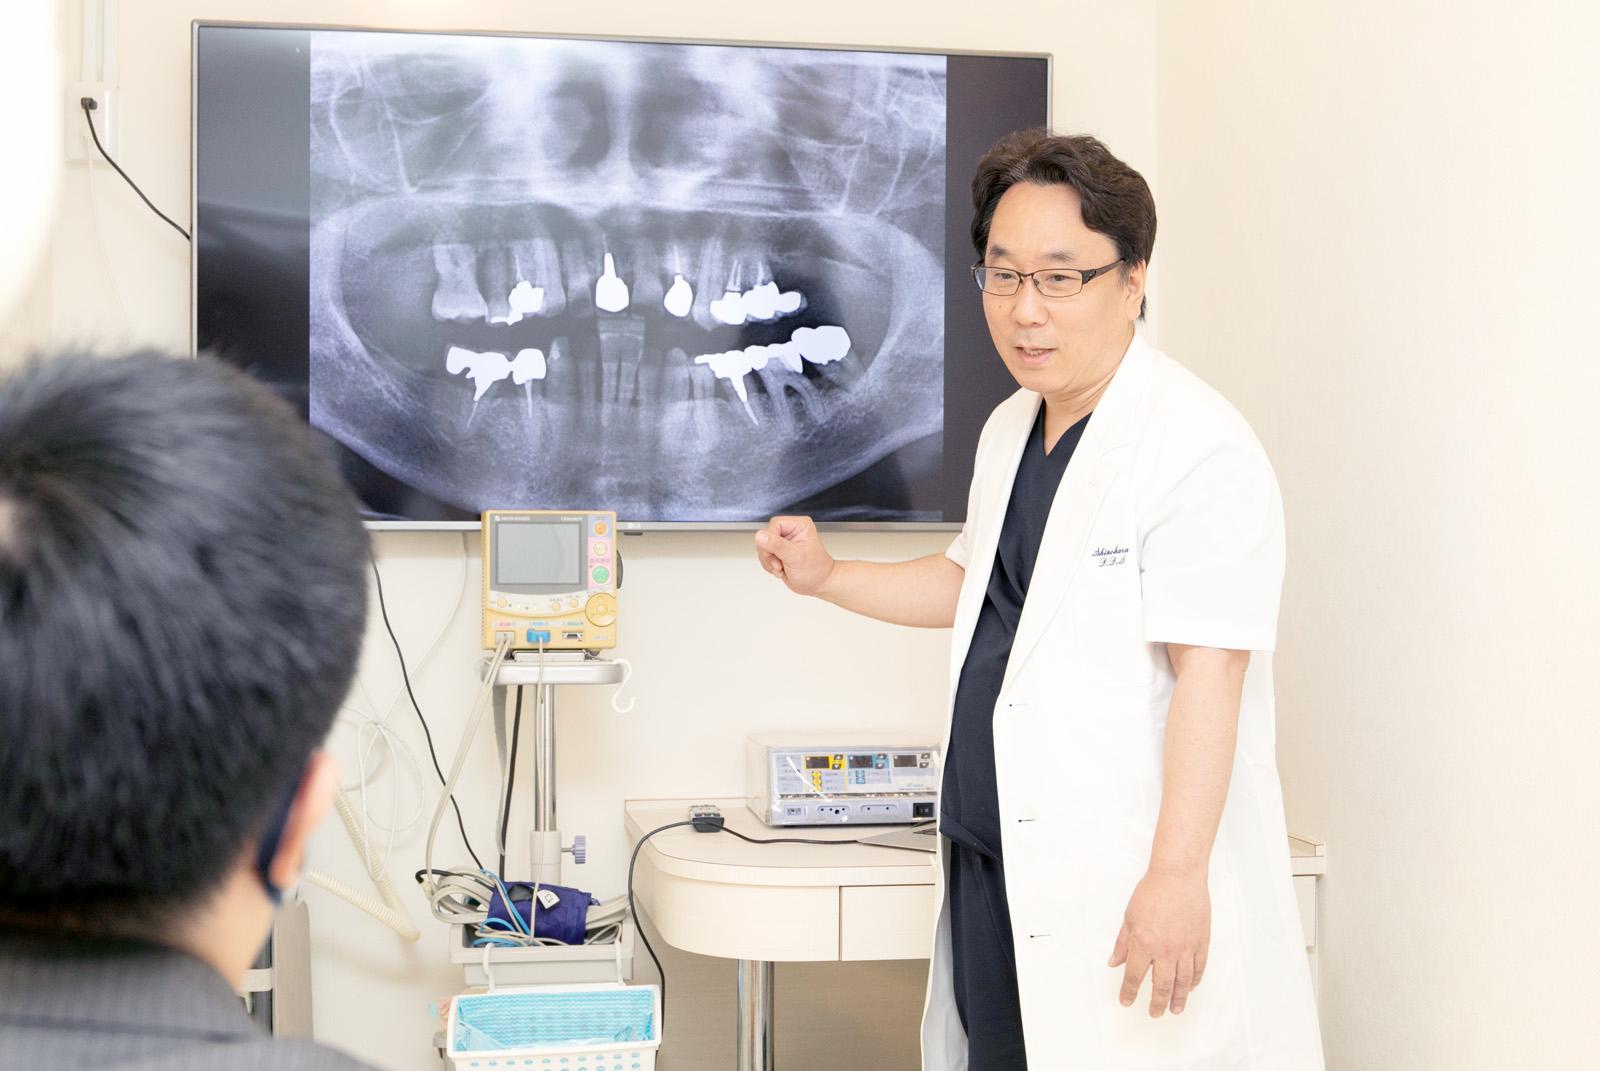 インプラント治療を担当するドクターの紹介